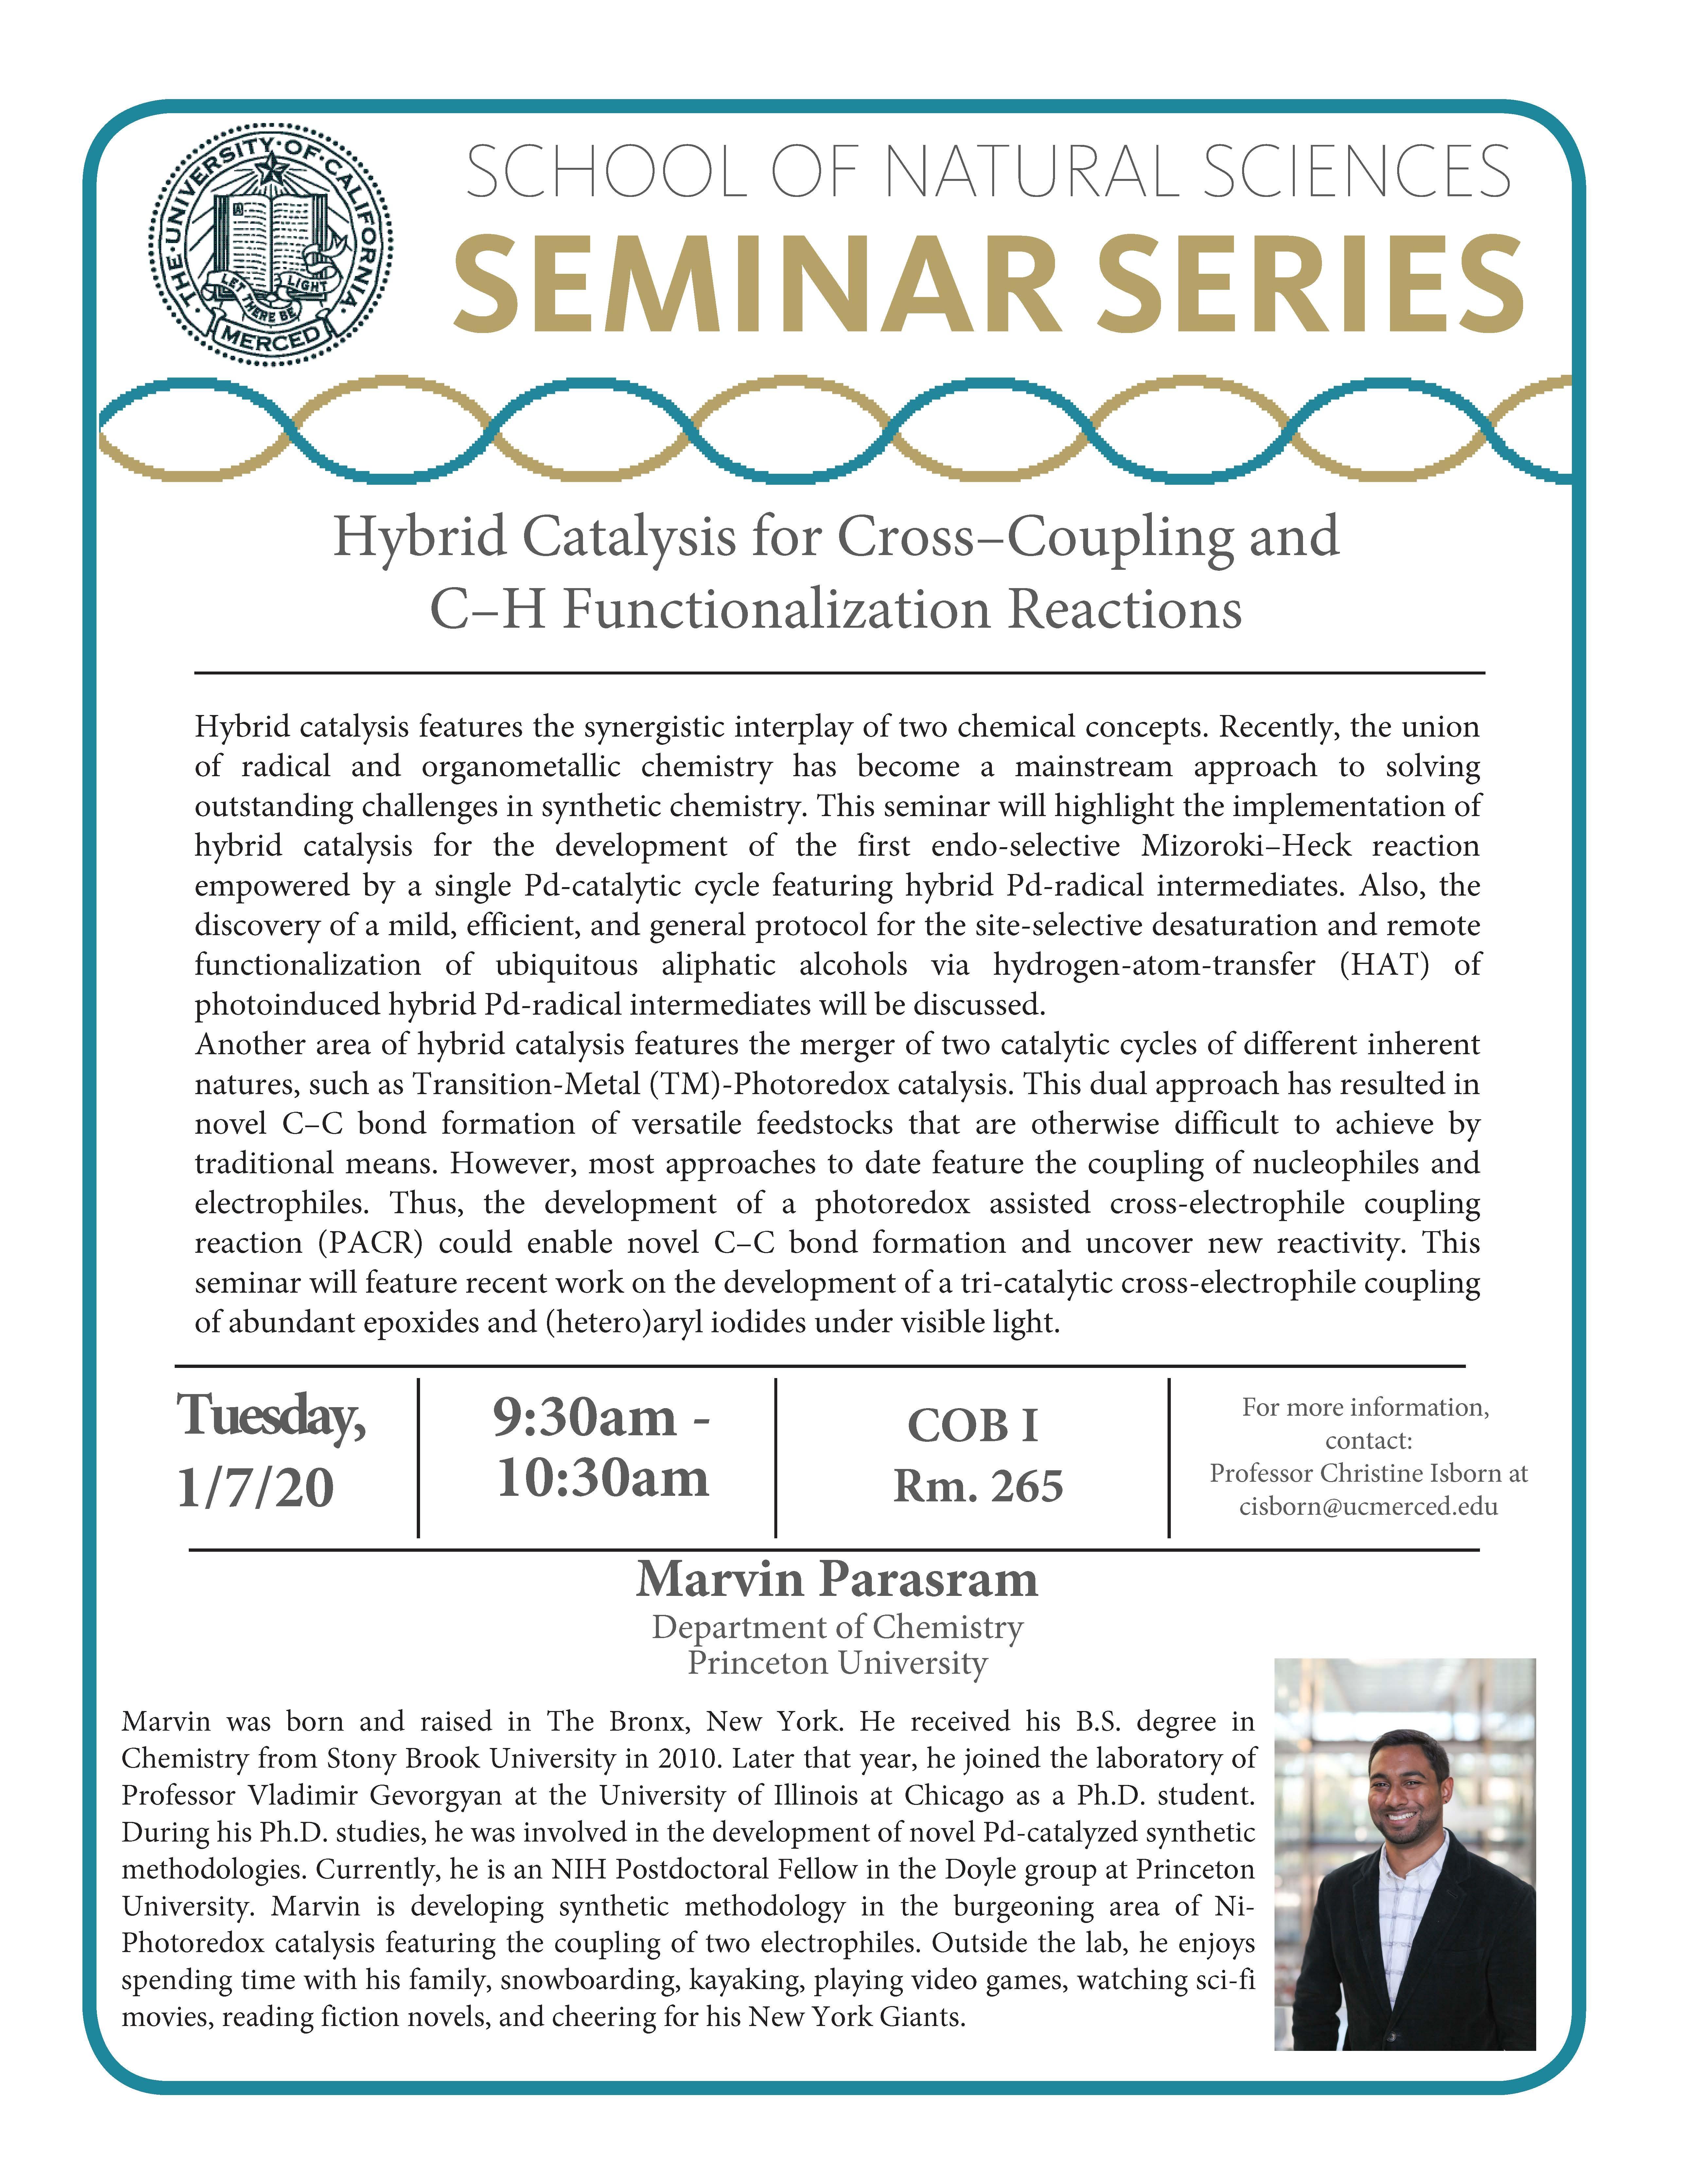 CCB Seminar for Dr. Marvin Parasram